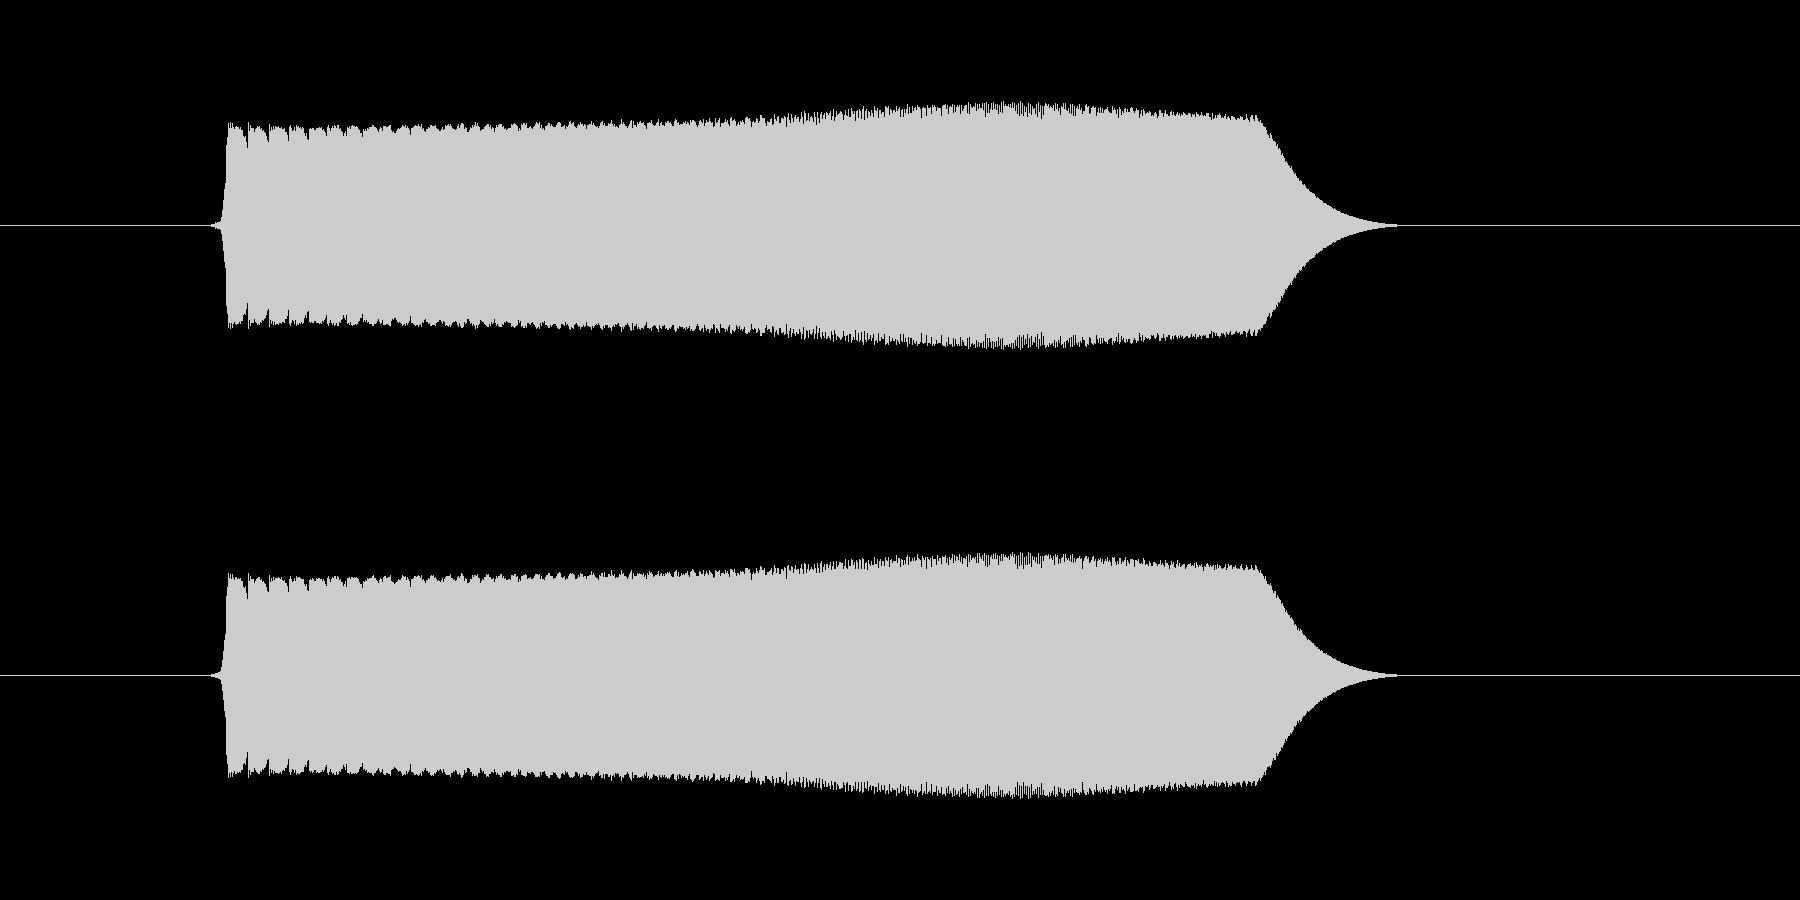 ビョイーン ロケットが飛ぶの未再生の波形